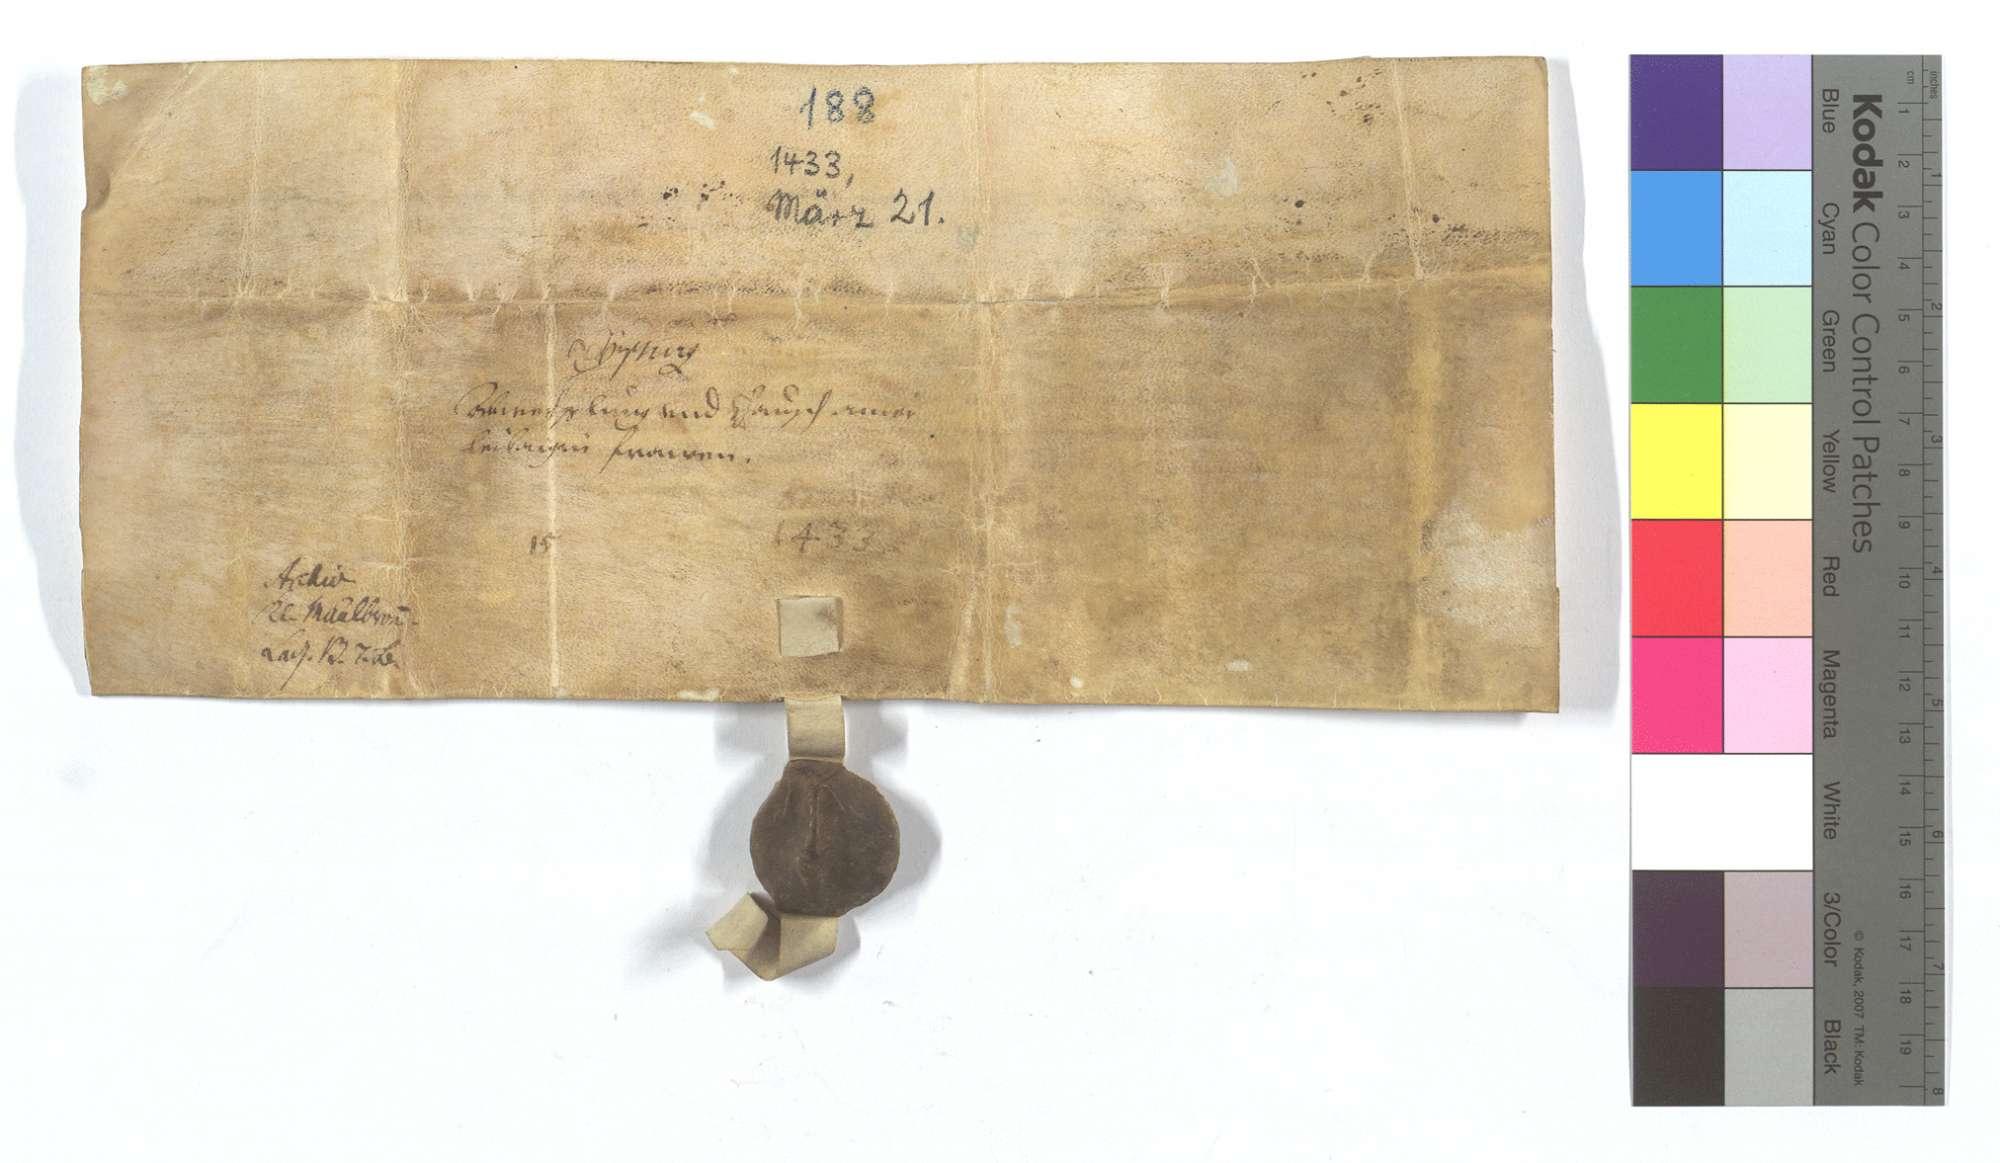 Burkard Truchsess von Höfingen (Hefingen) verkauft dem Kloster Maulbronn eine leibeigene Frau von Iptingen gegen eine andere von Wurmberg., Rückseite